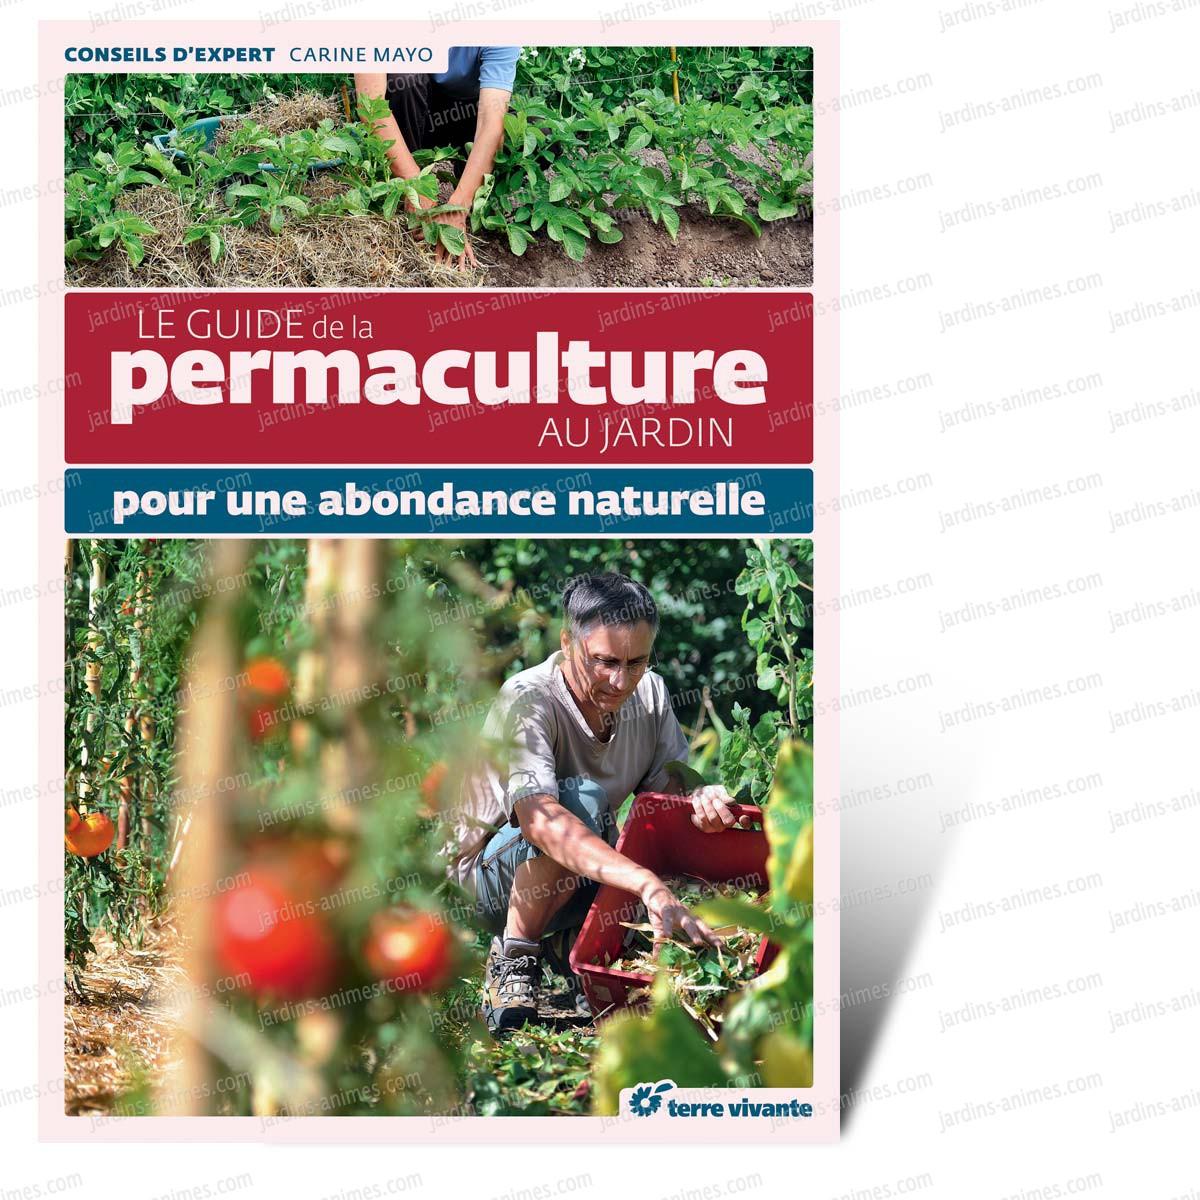 le guide de la permaculture au jardin livre terre